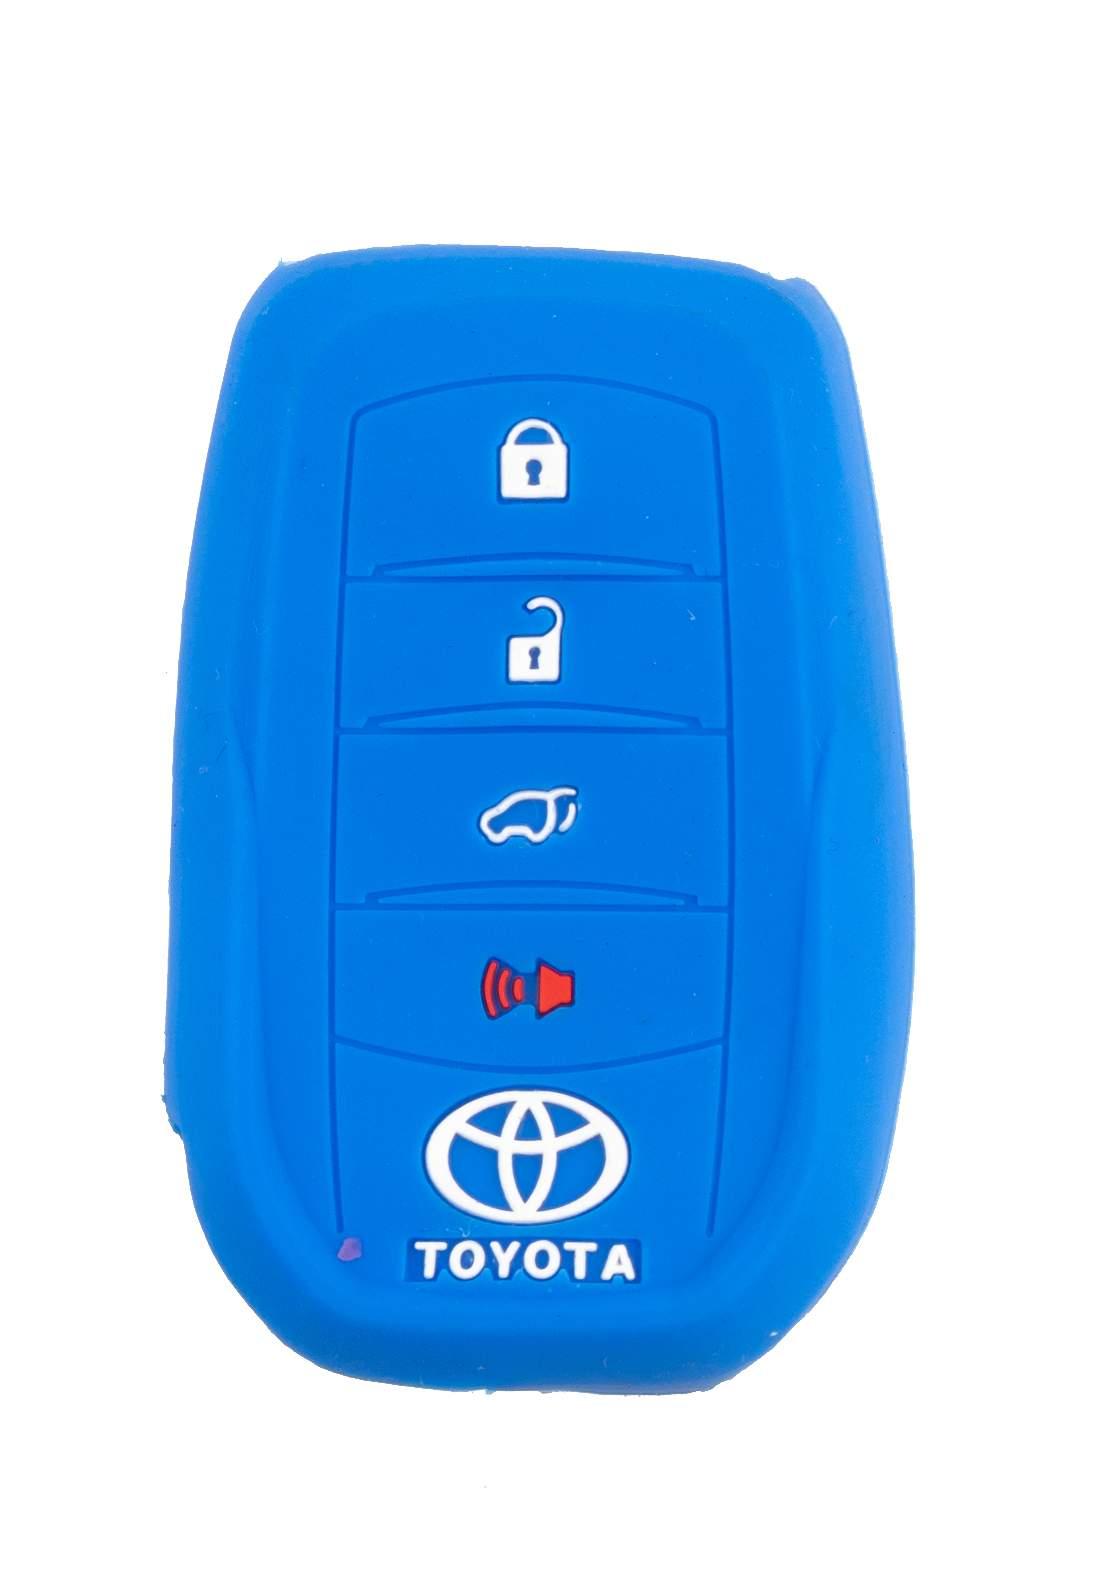 غلاف مفتاح سيارة ذكي (بصمة) تويوتا ازرق اللون